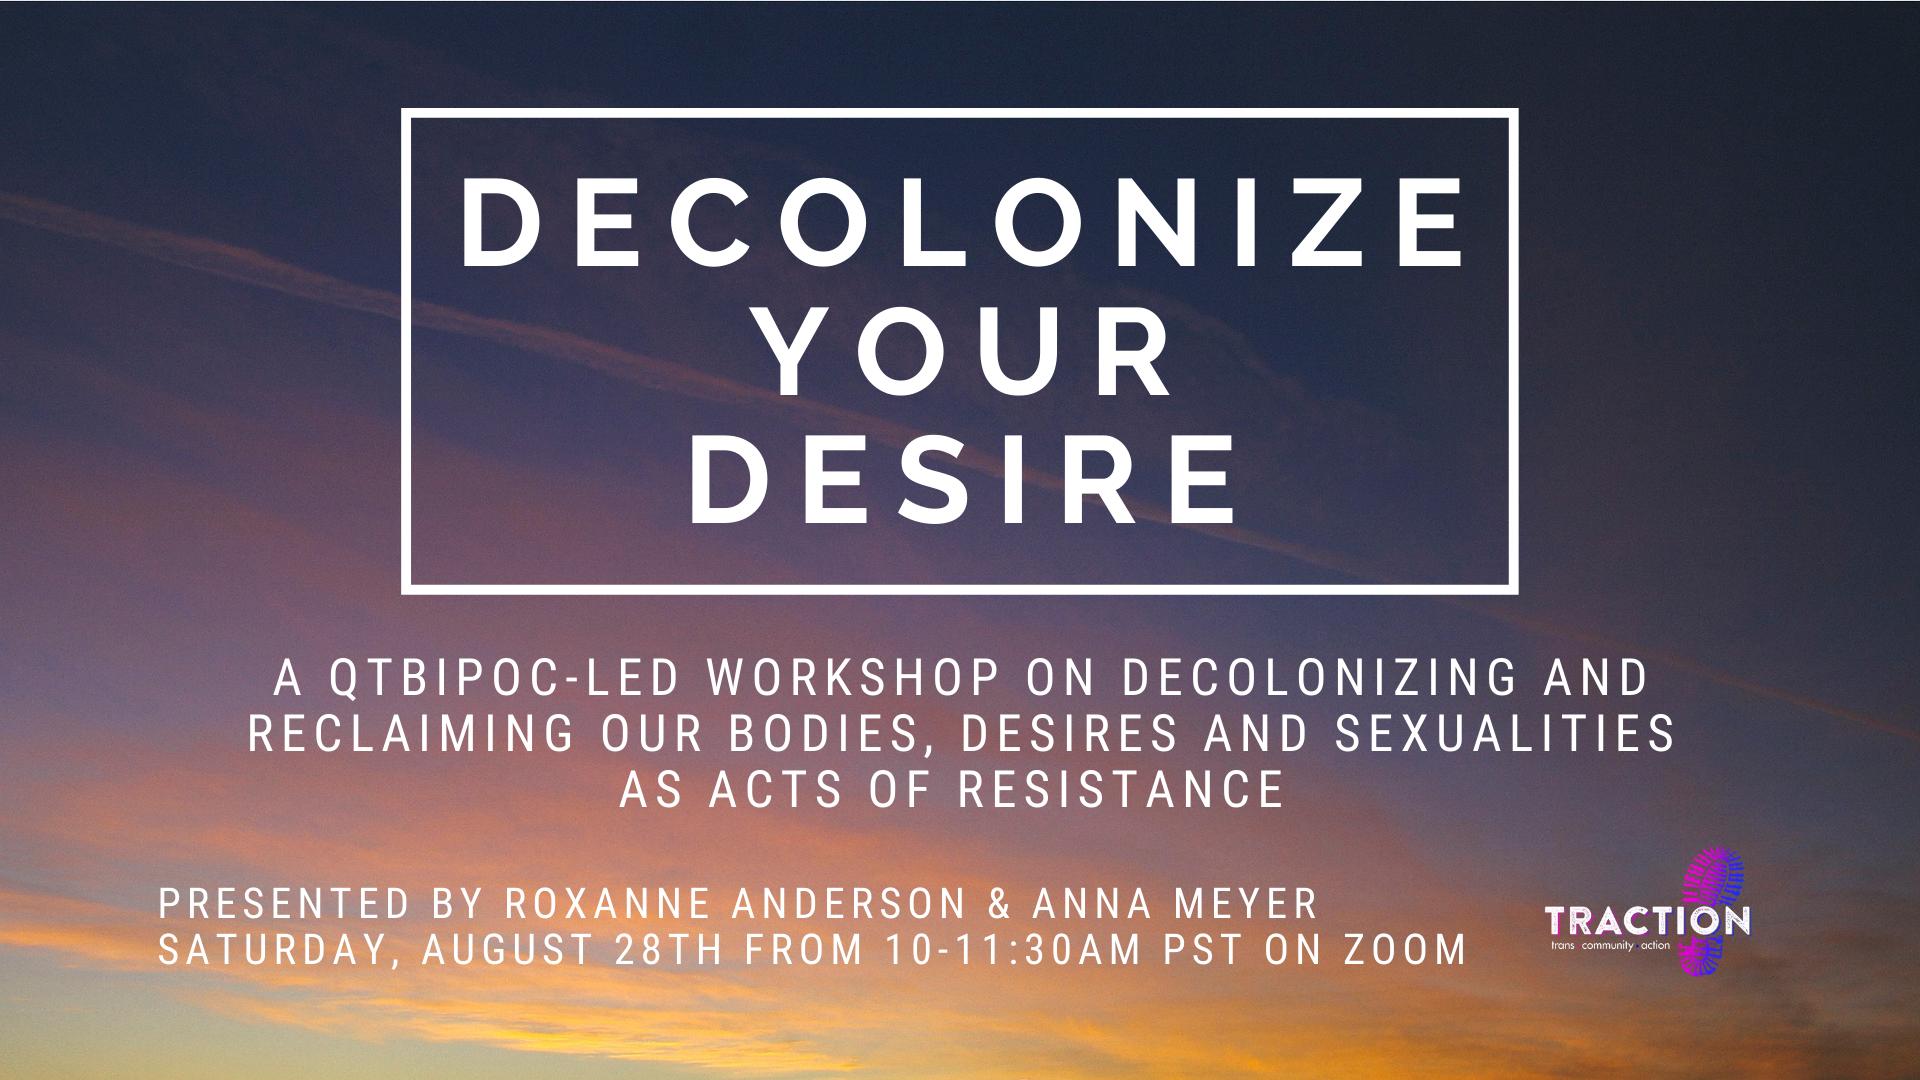 Decolonize Your Desire